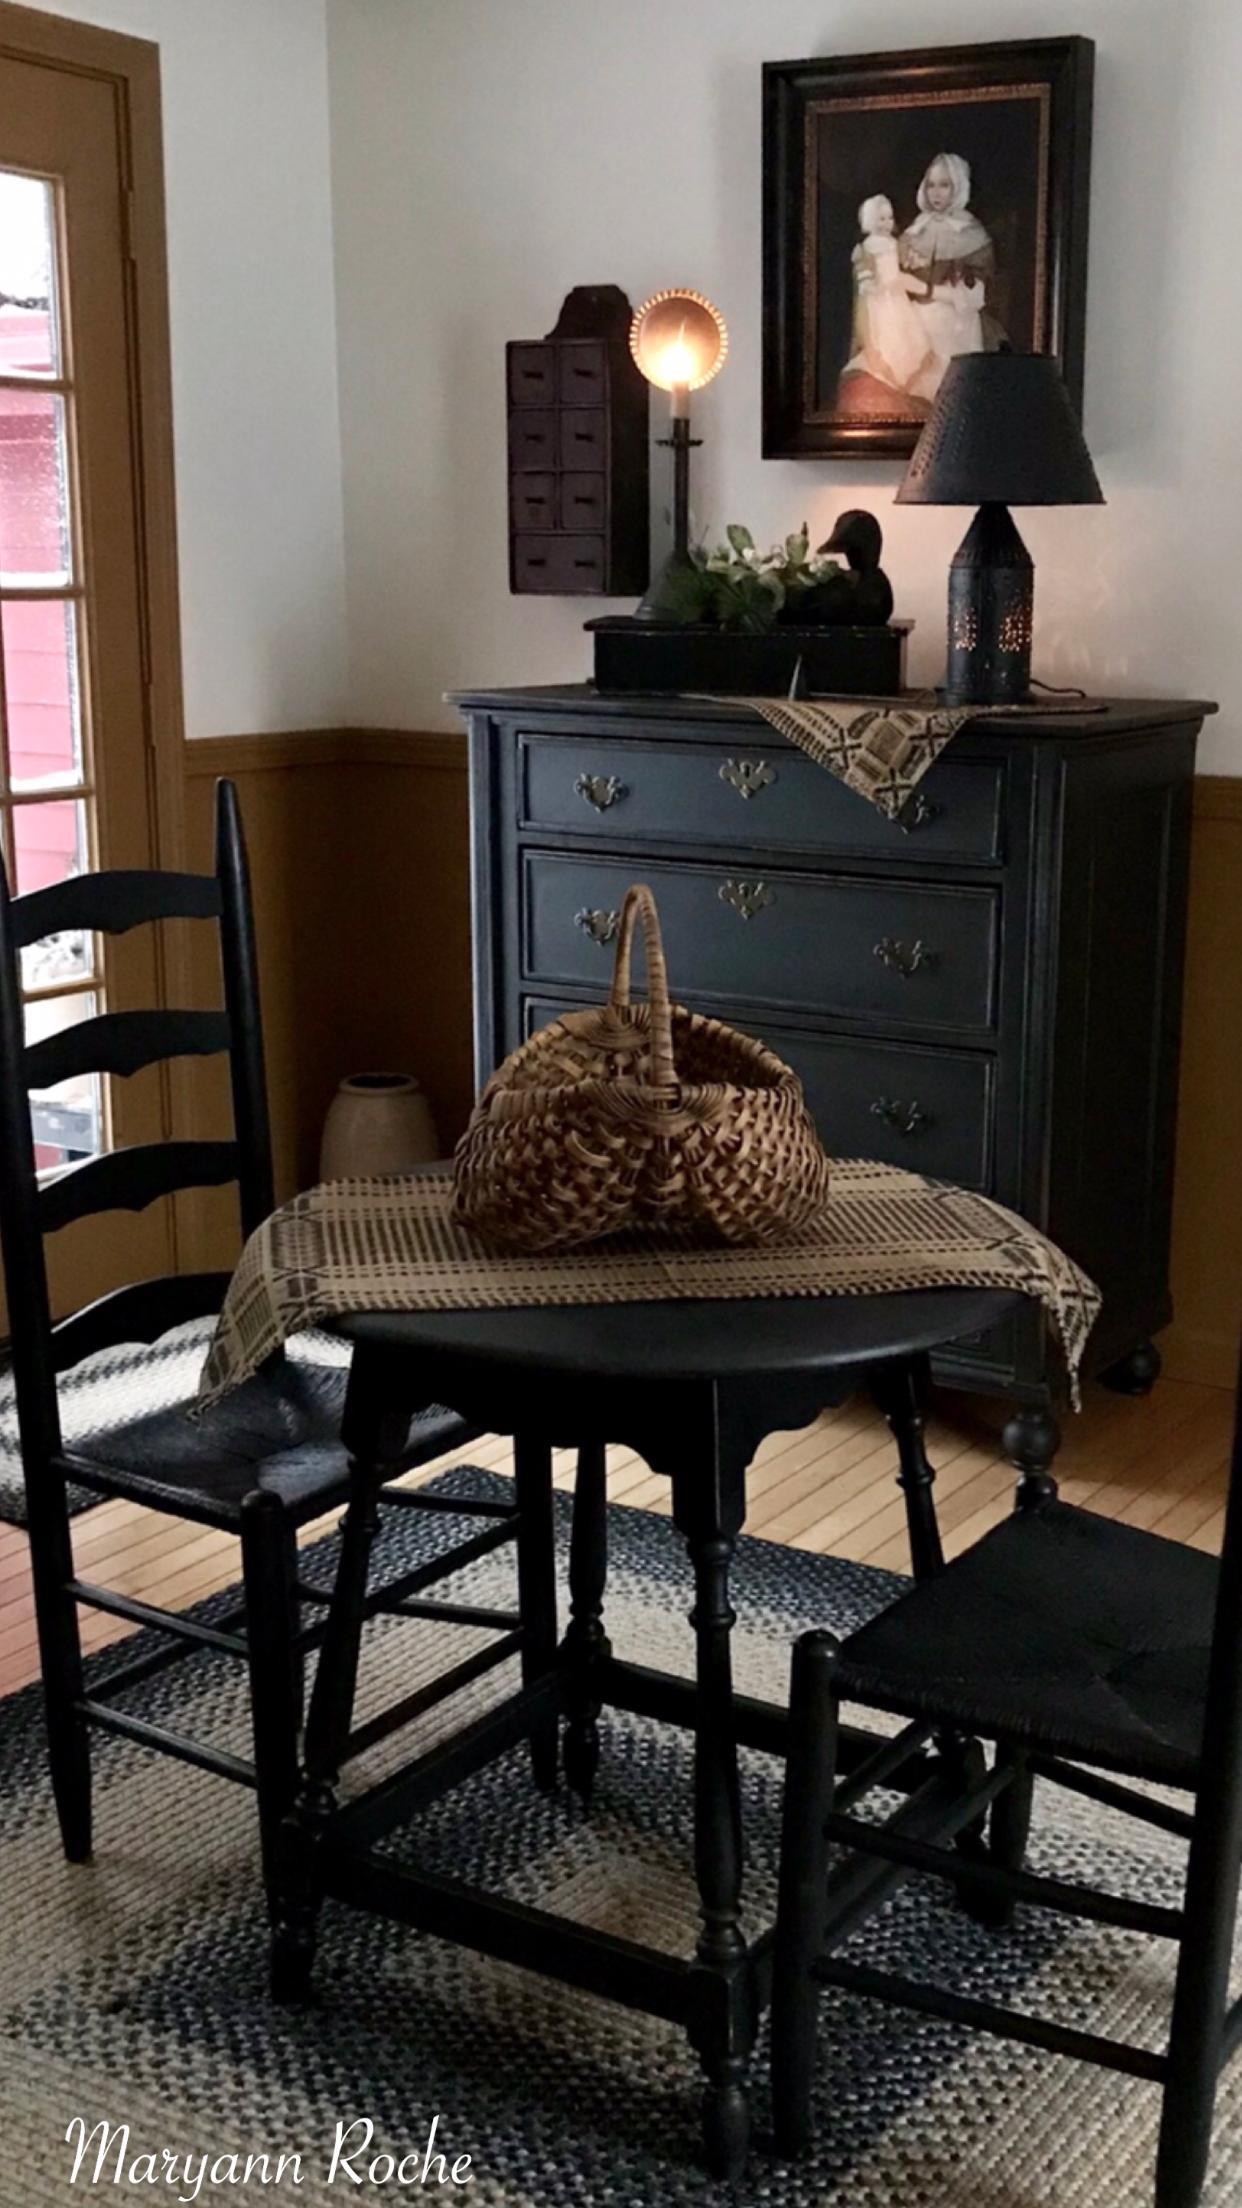 This Table PrimitiveKitchen Primitive FurniturePrimitive AntiquesPrimitive CountryPrimitive Dining RoomsPrimitive CurtainsPrimitive DecorColonial